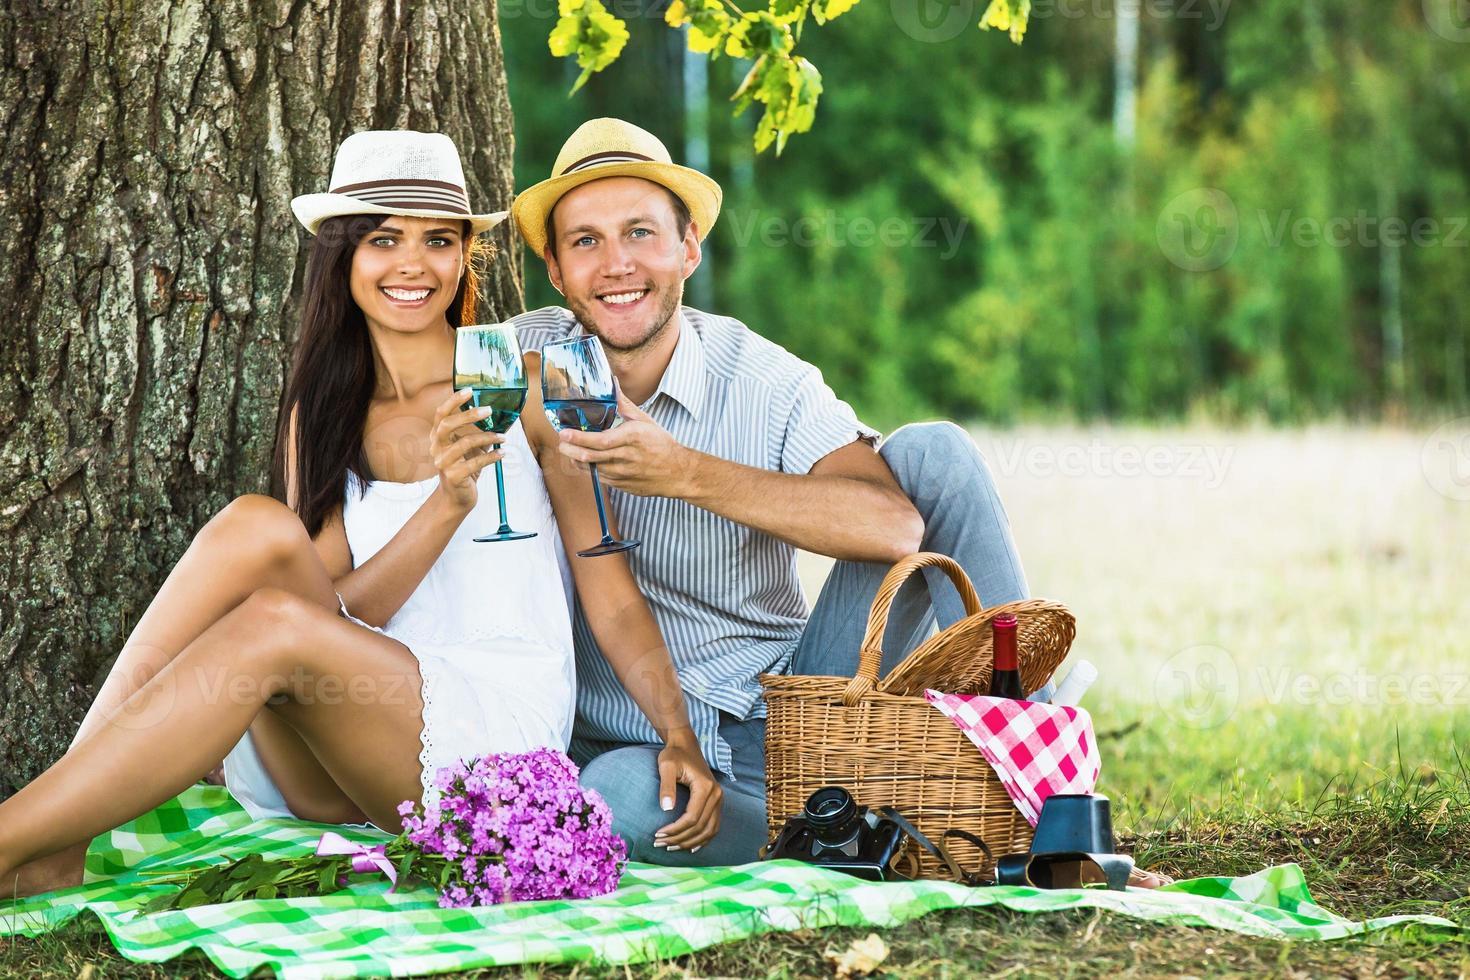 couple d'amoureux relaxant dans la nature photo